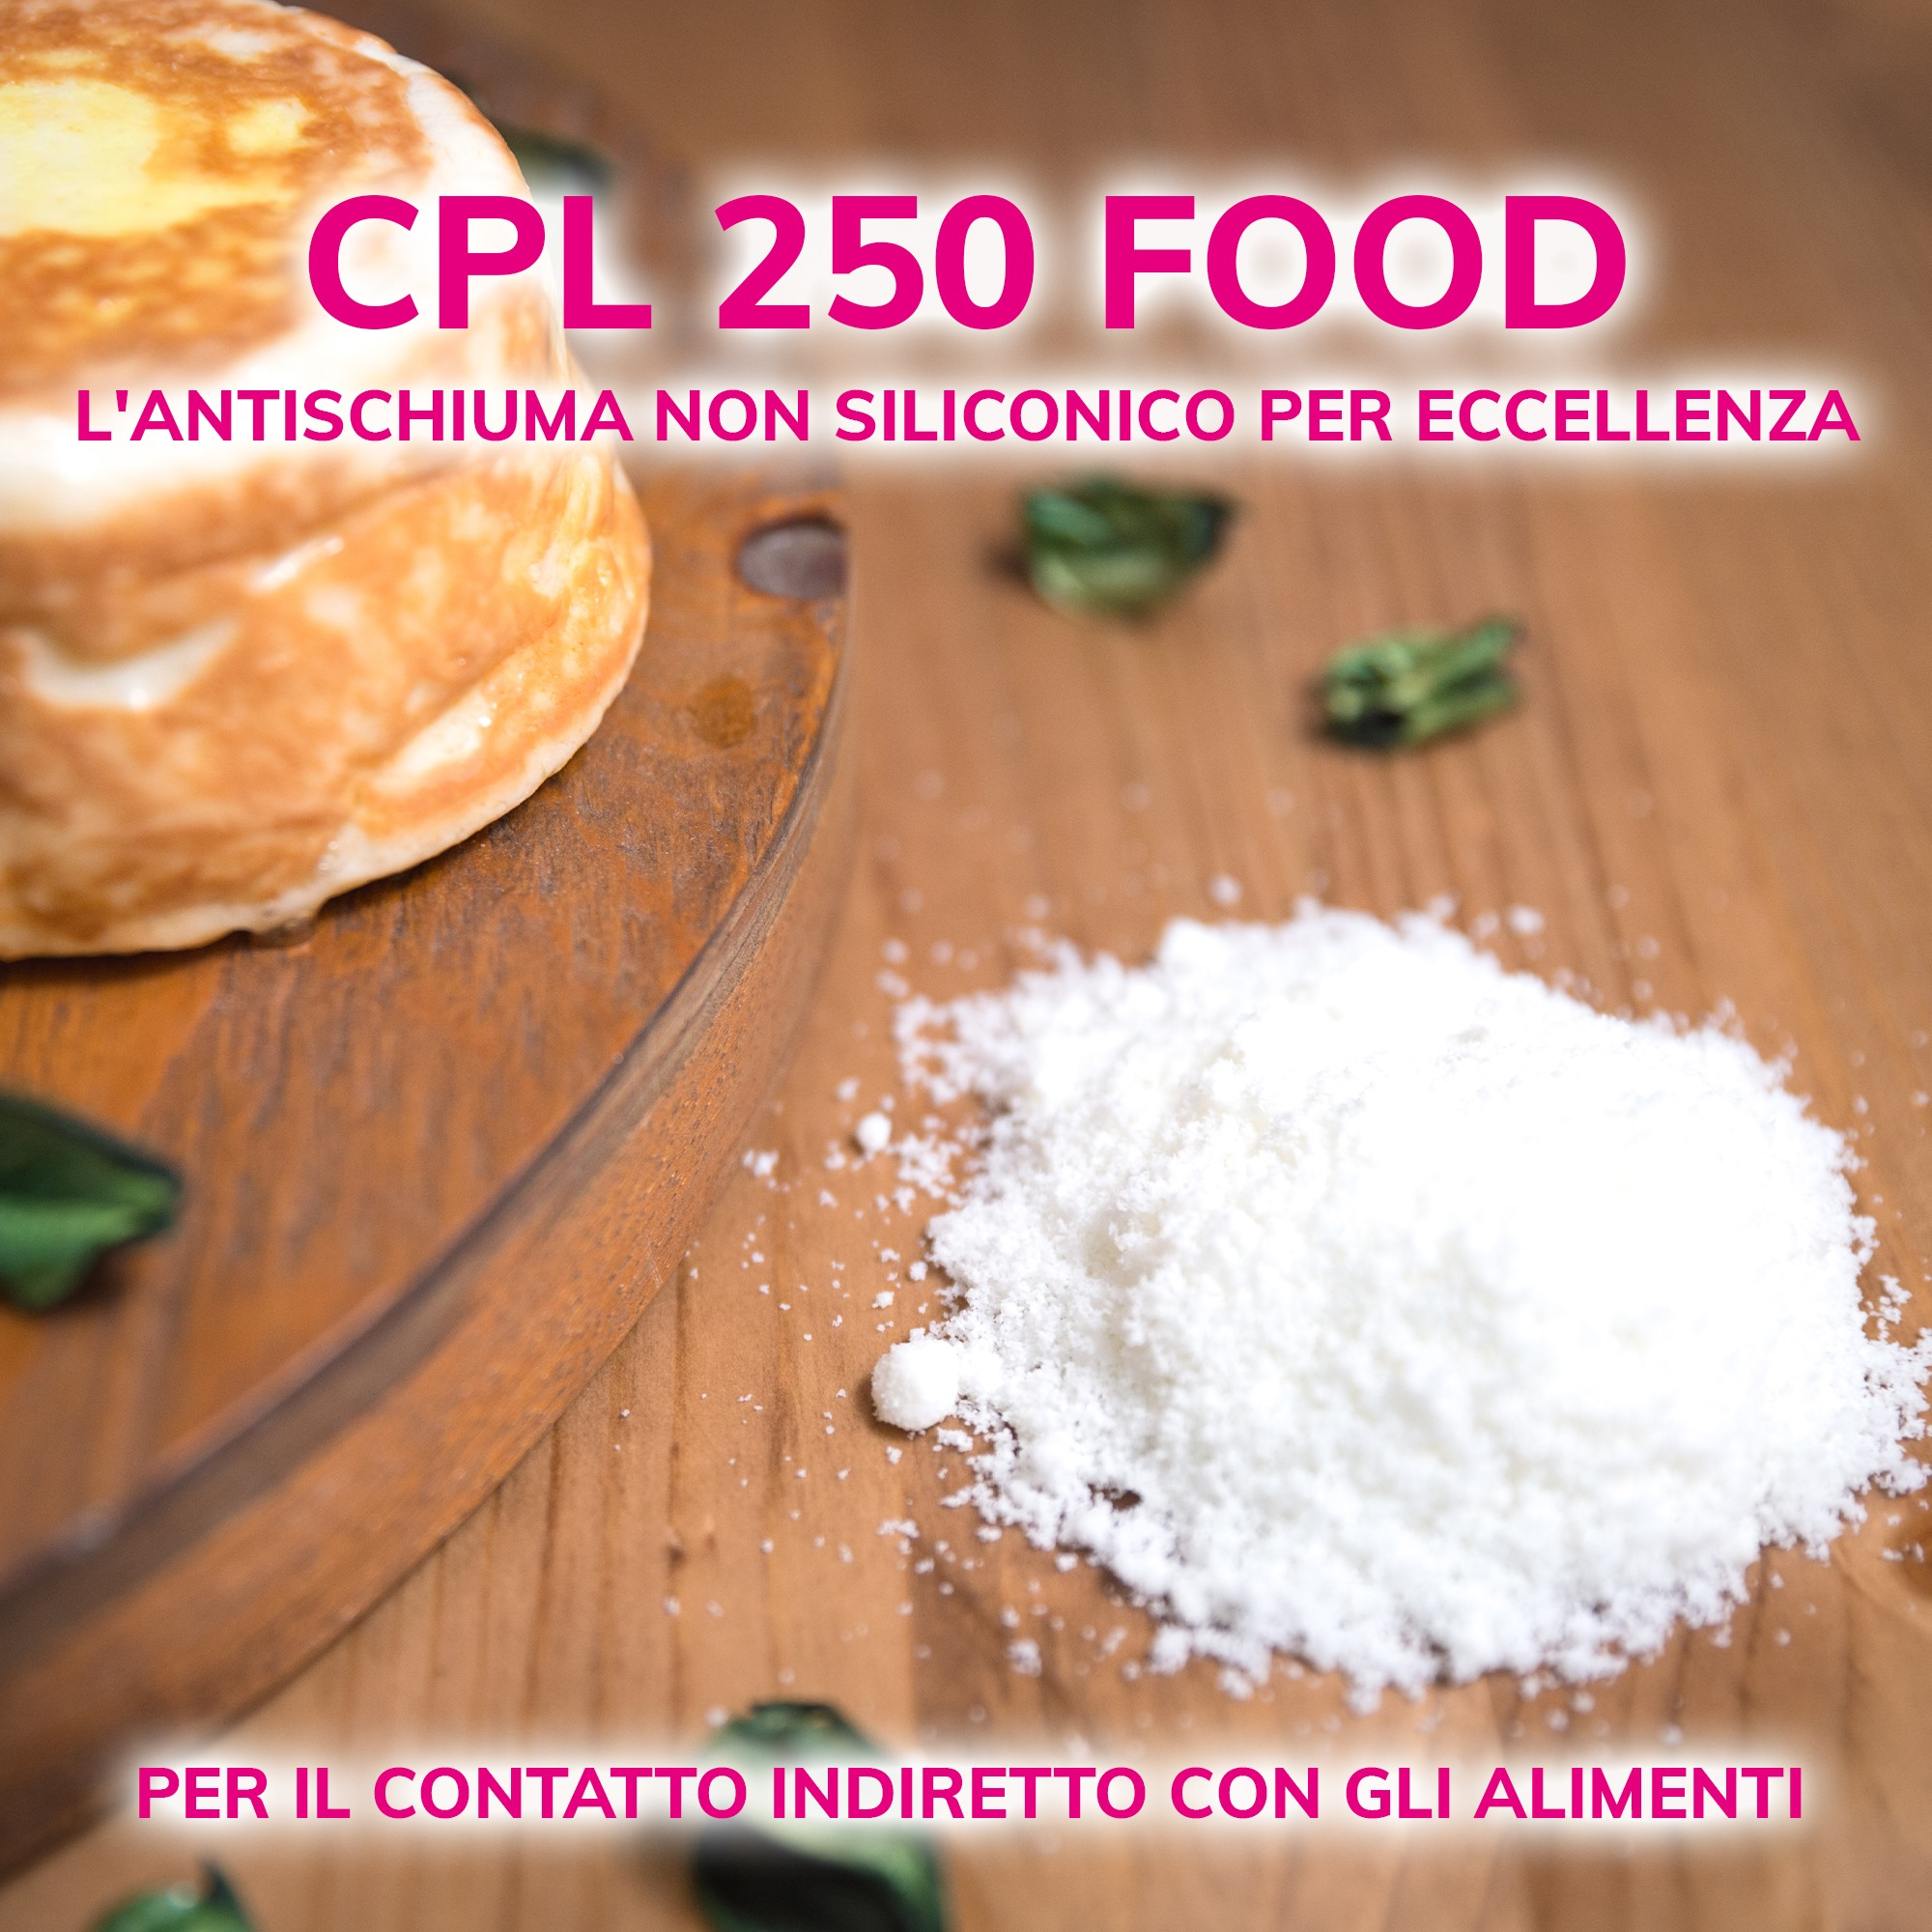 cpl-250-food.jpg